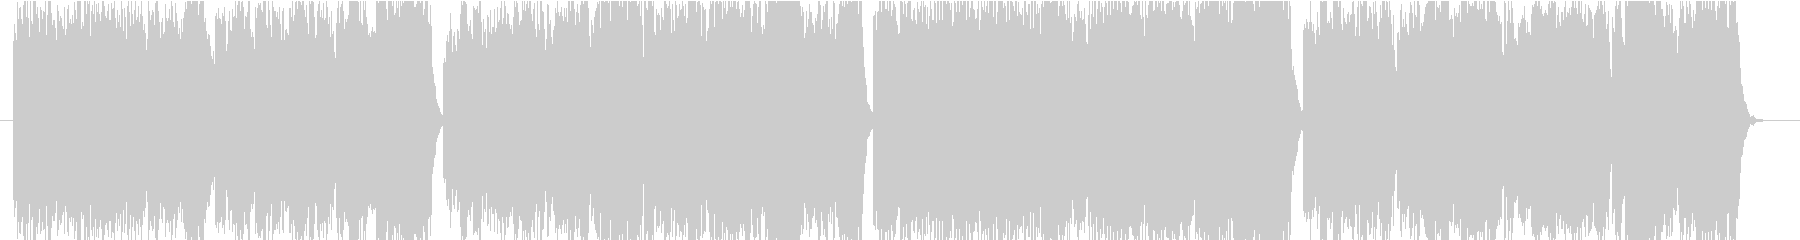 プラネタリウム風ヒーリングBGMの未再生の波形